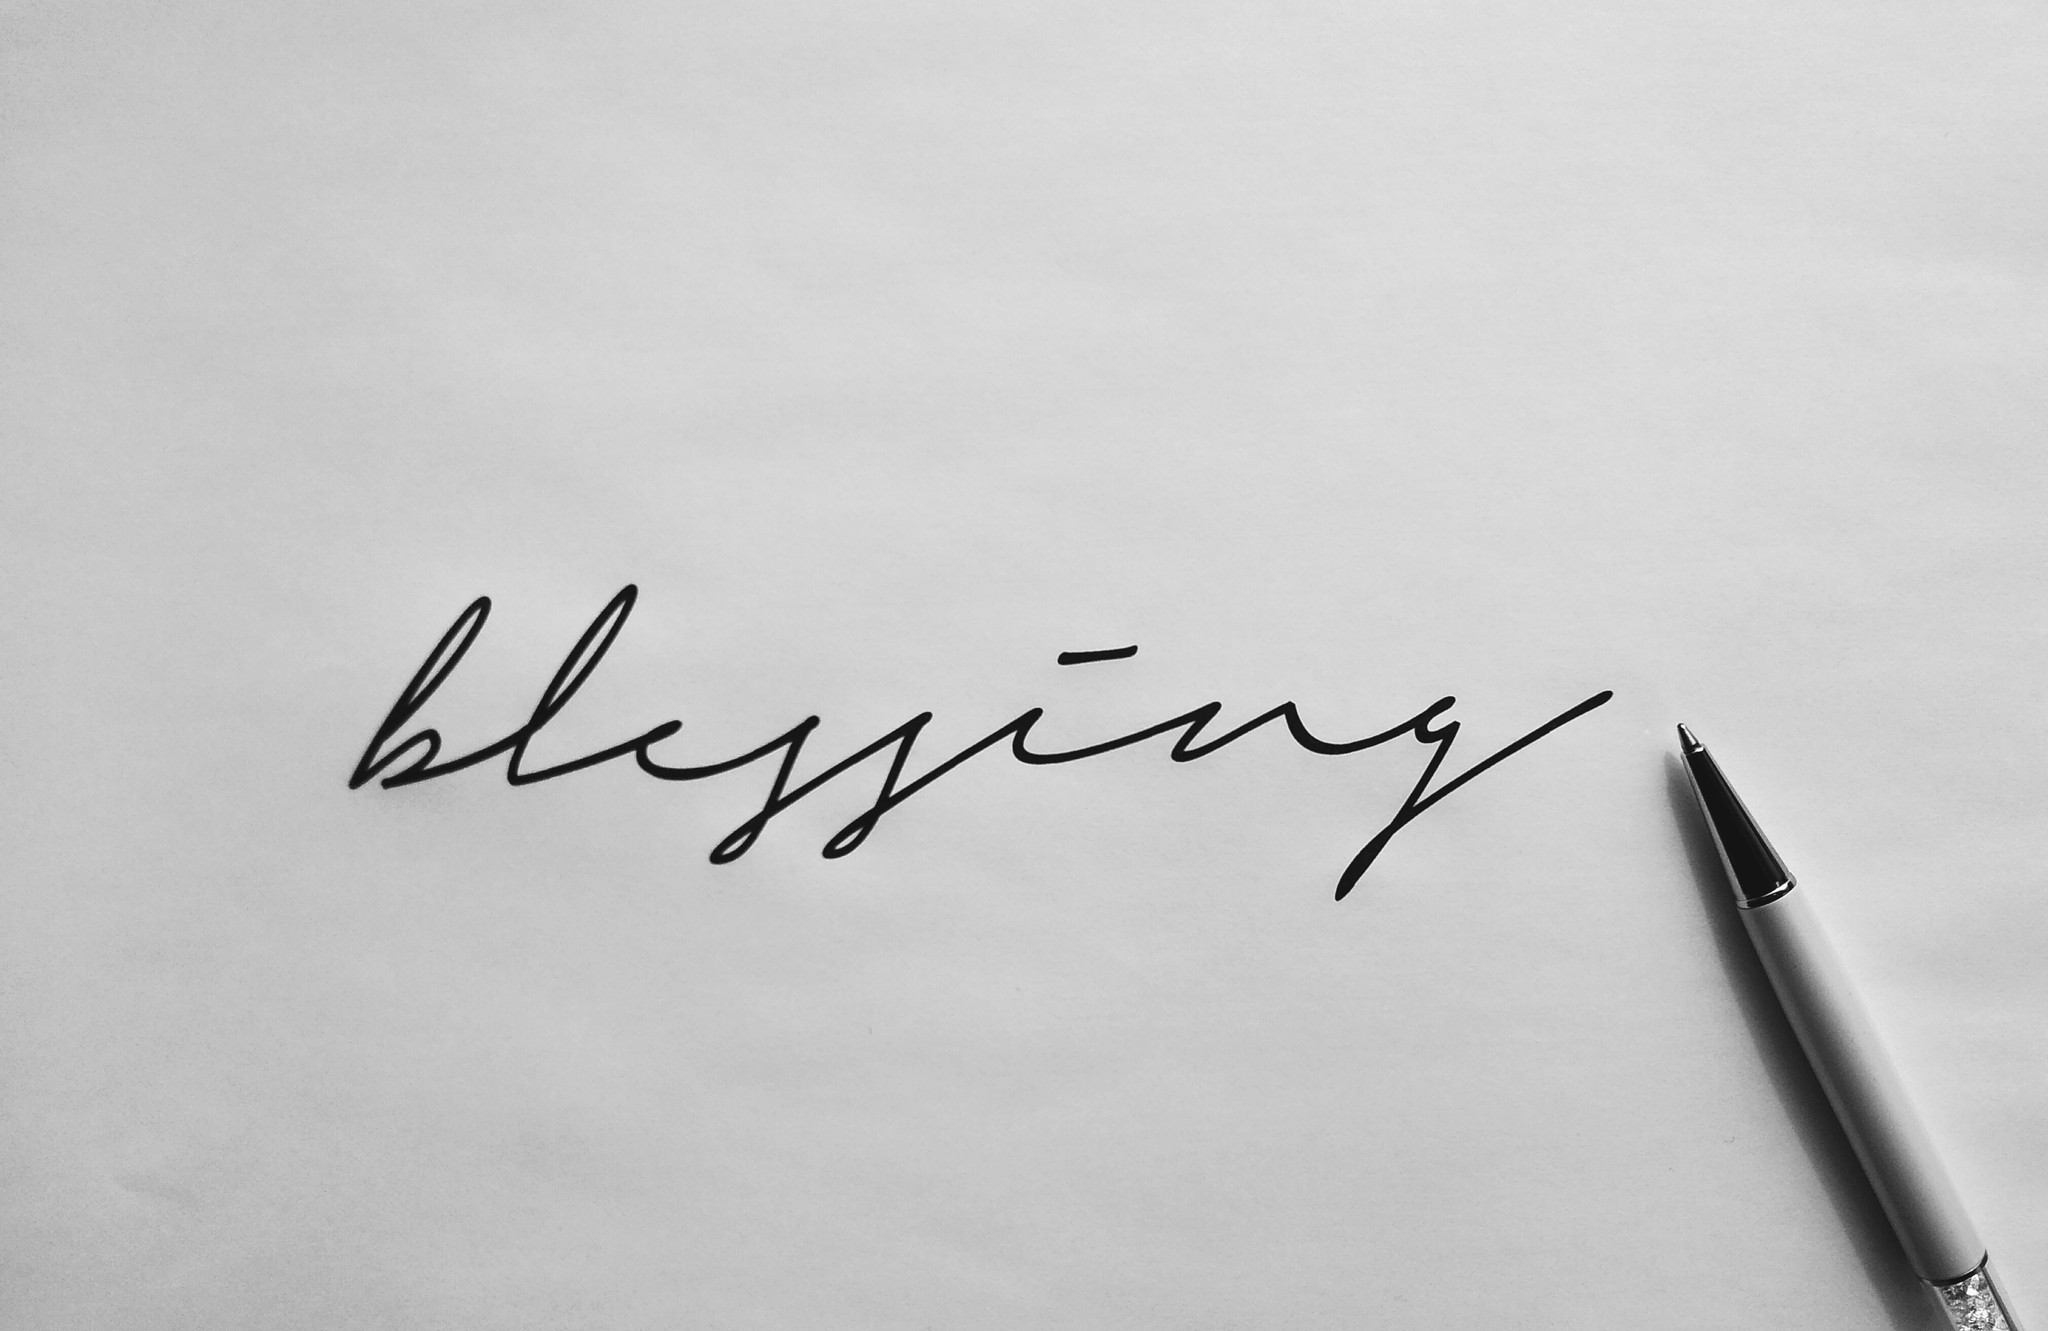 ブランドキーワードは【Blessing】仕合わせ